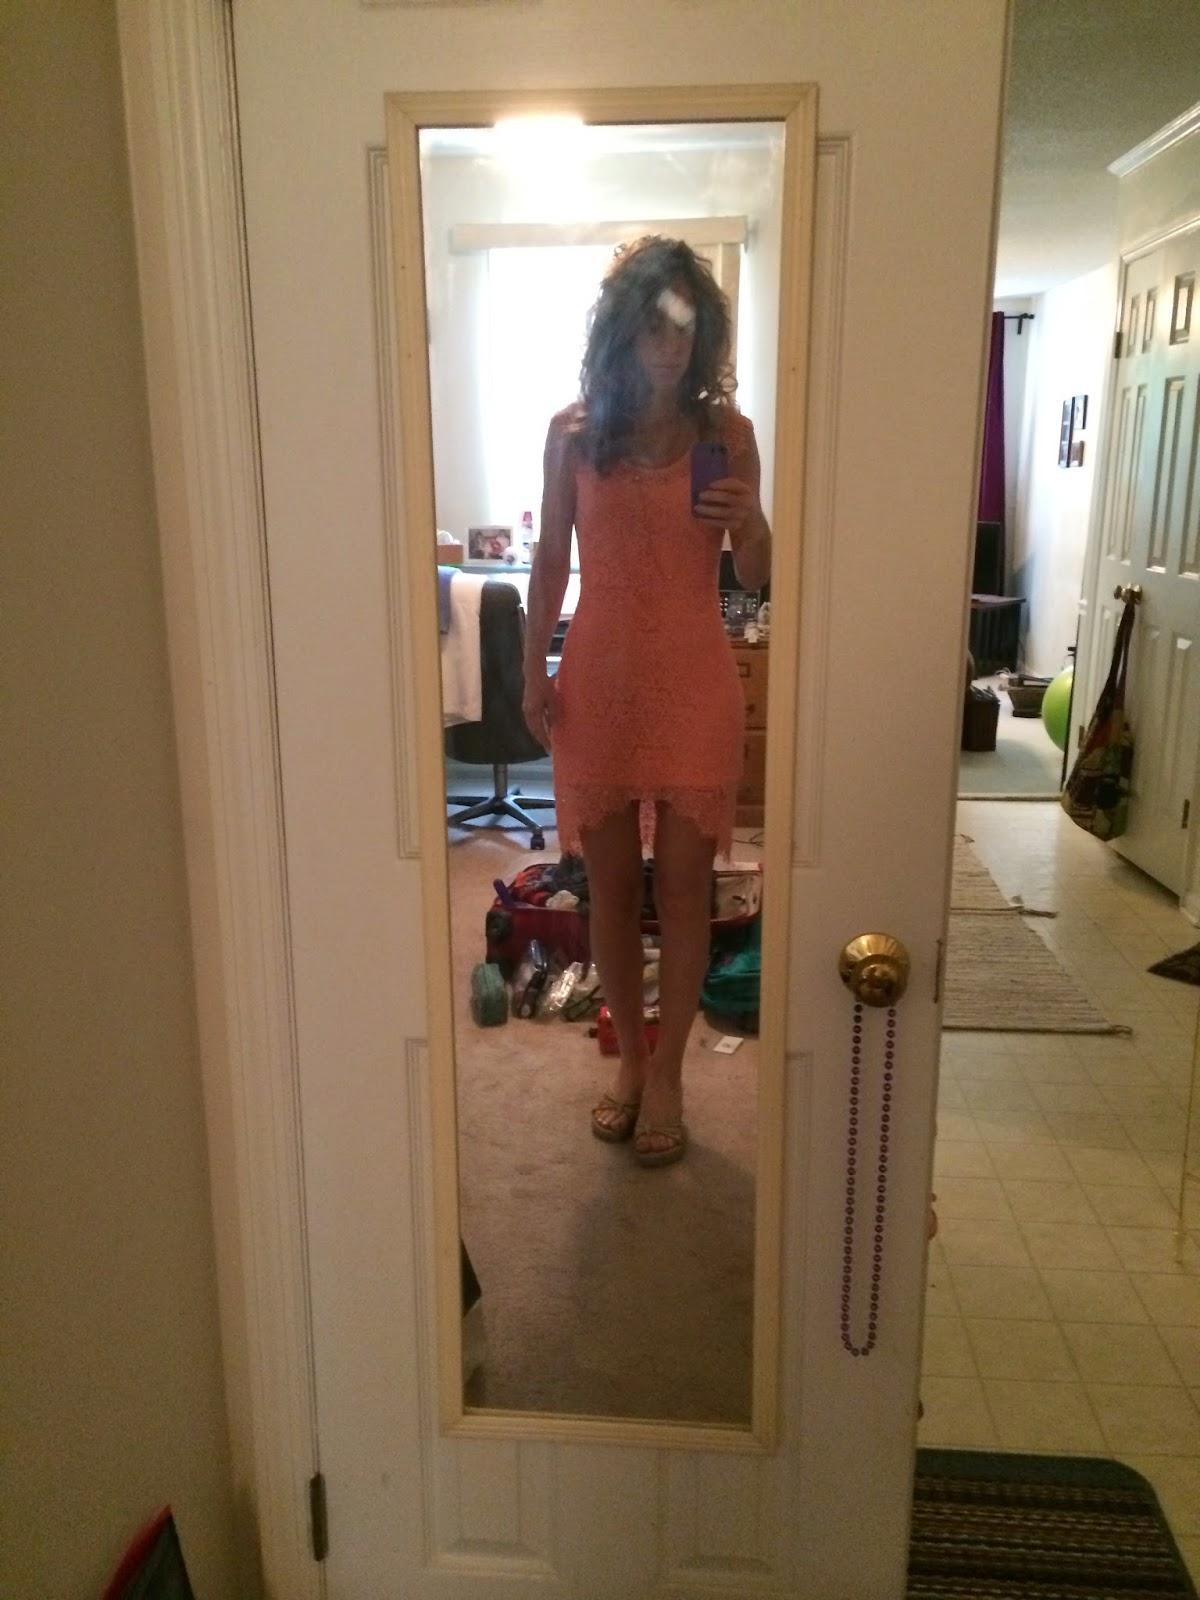 Terris Travels Wedding Shower Weekend Bathroom Mirror Selfies